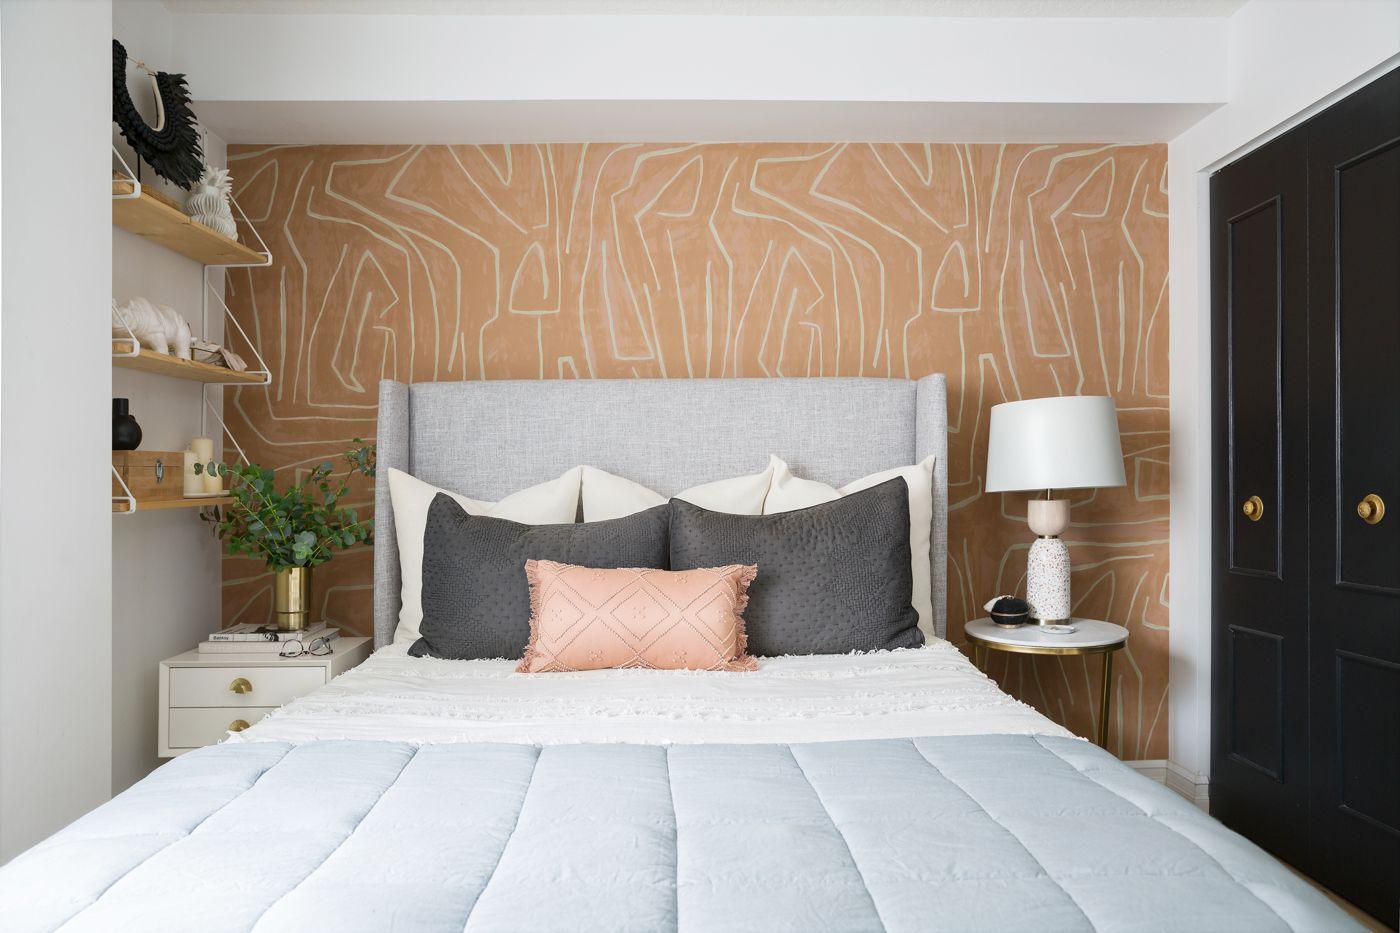 Graphic bedroom with black closet doors.